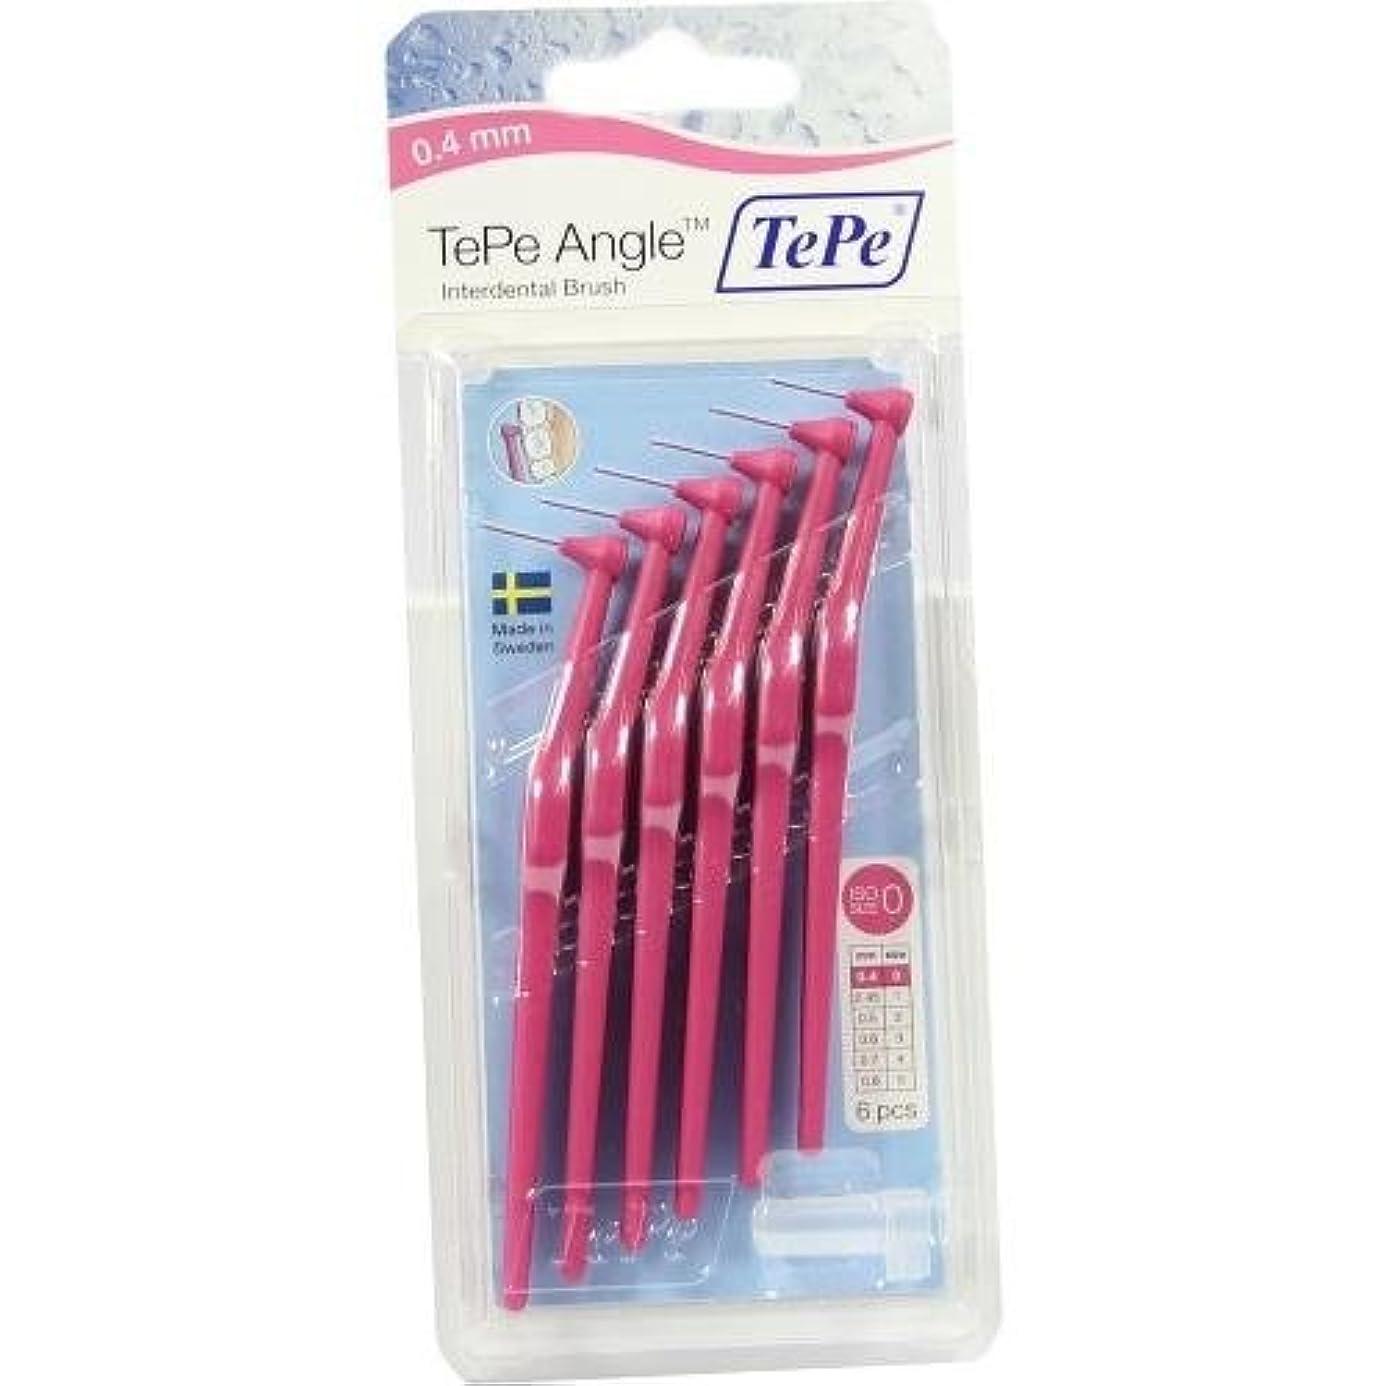 冒険者モード紳士気取りの、きざなTePe Angle Interdental Brushes 0.4 mm Pink Pack of 6 by TePe [並行輸入品]